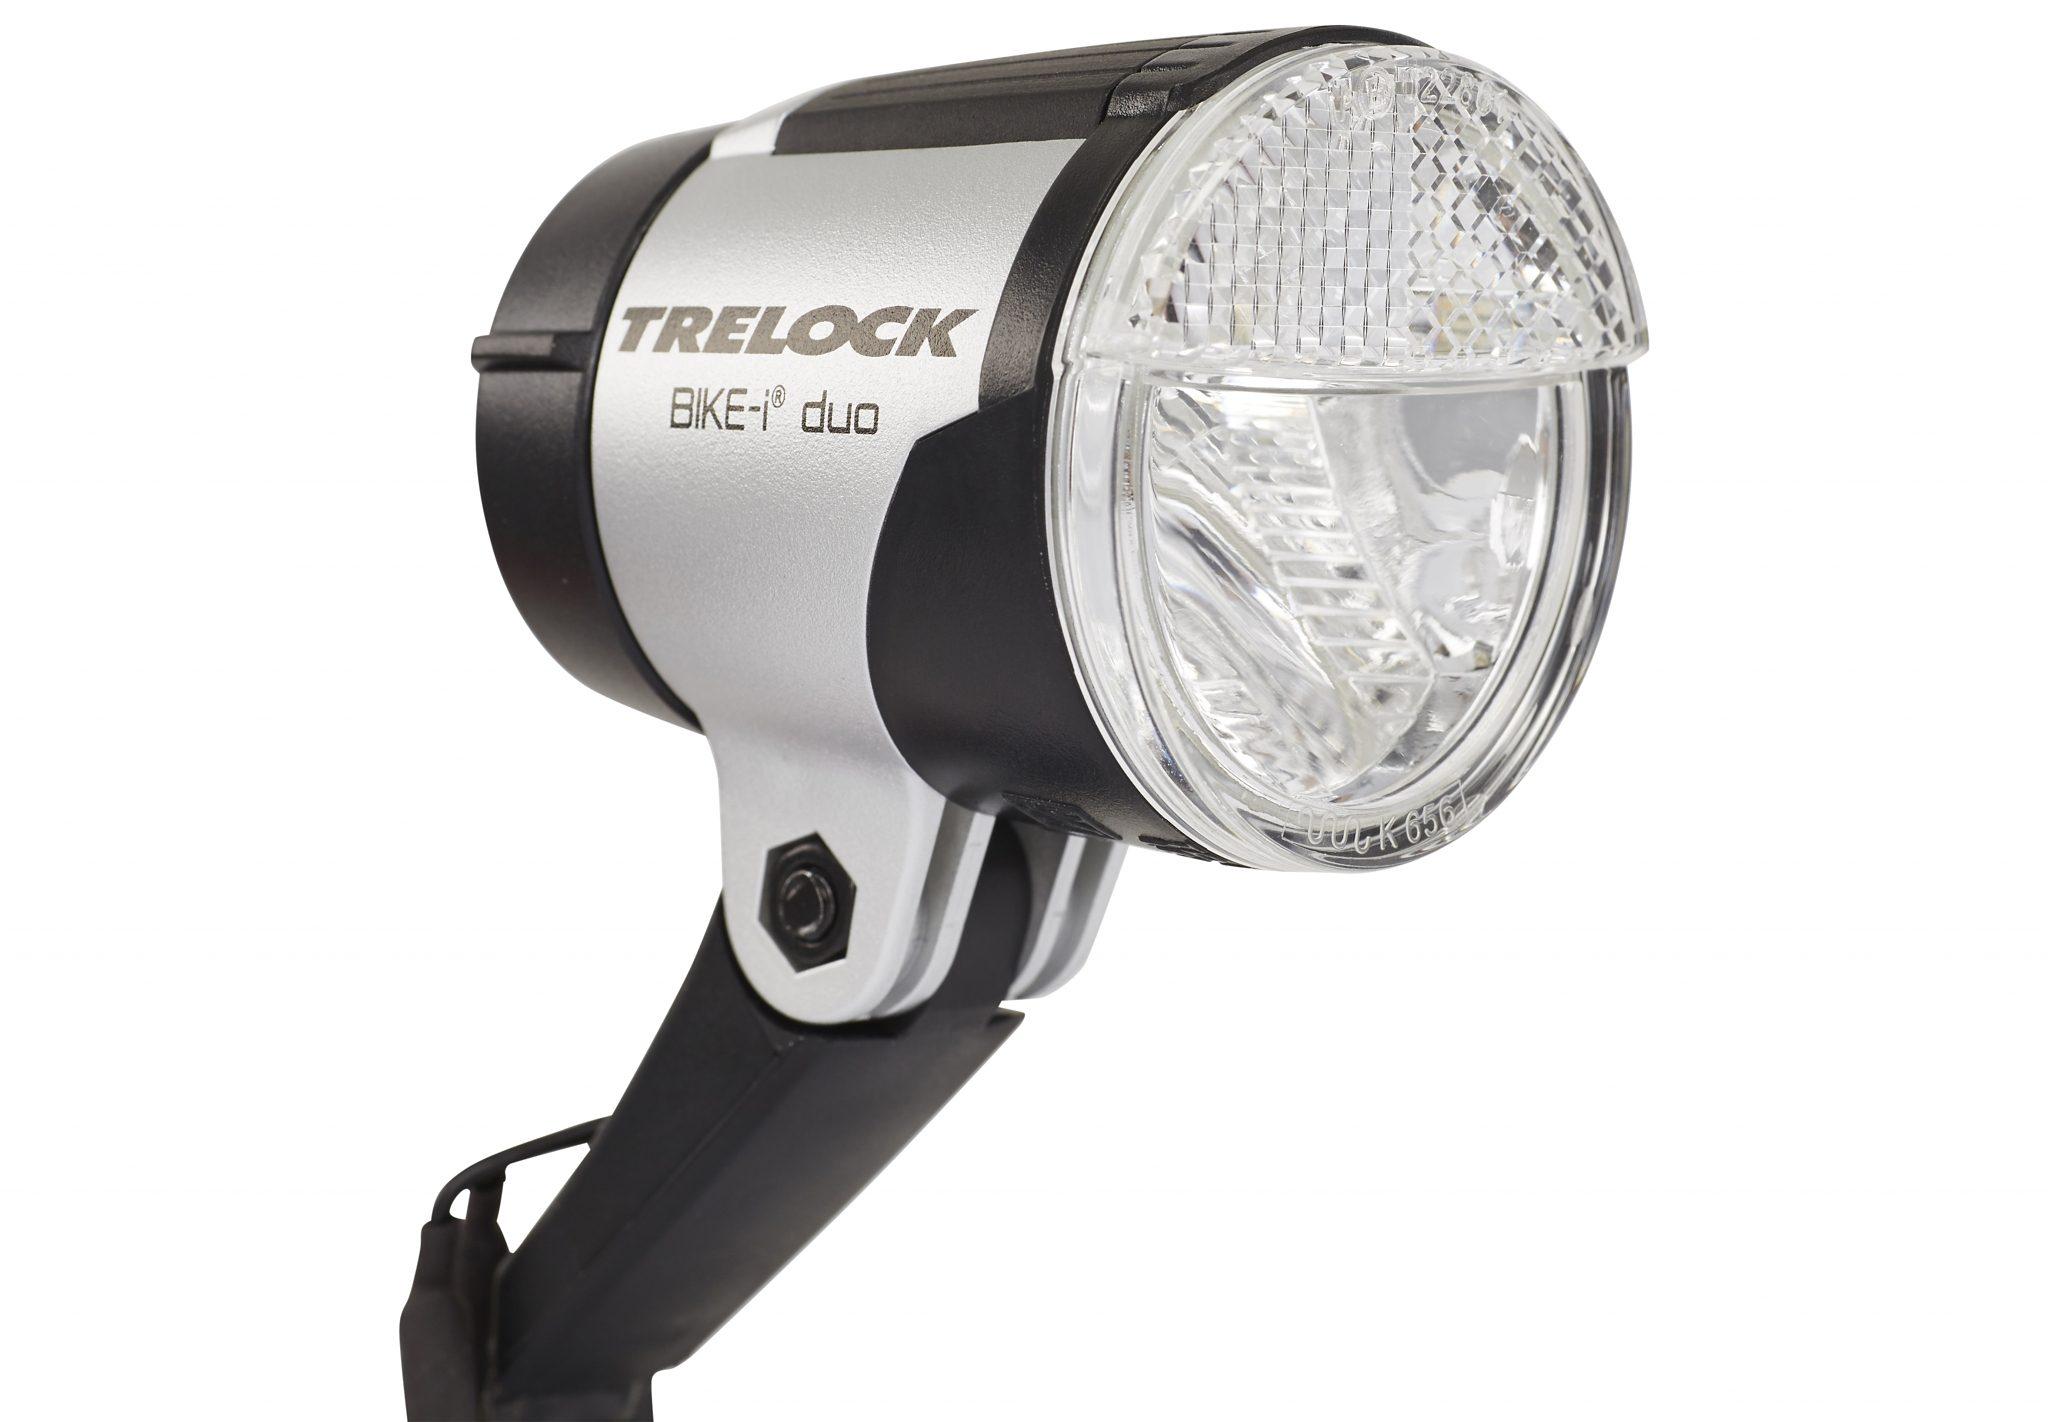 Trelock Fahrradbeleuchtung »LS 865 duo Frontscheinwerfer«